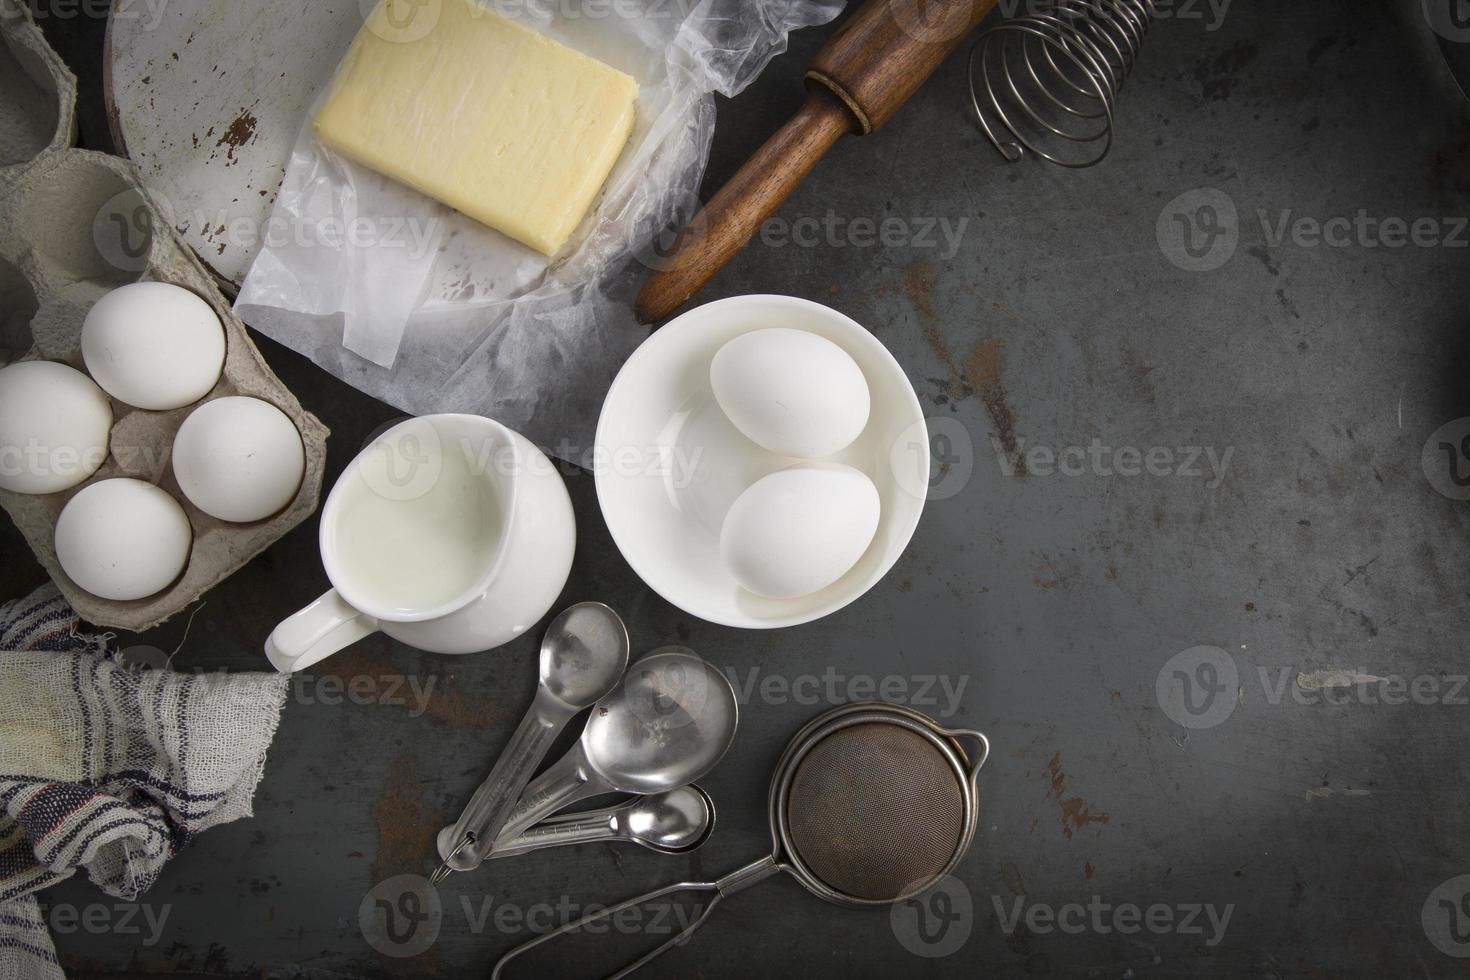 Zutaten zum Backen von Kuchen. mit Kopierplatz foto